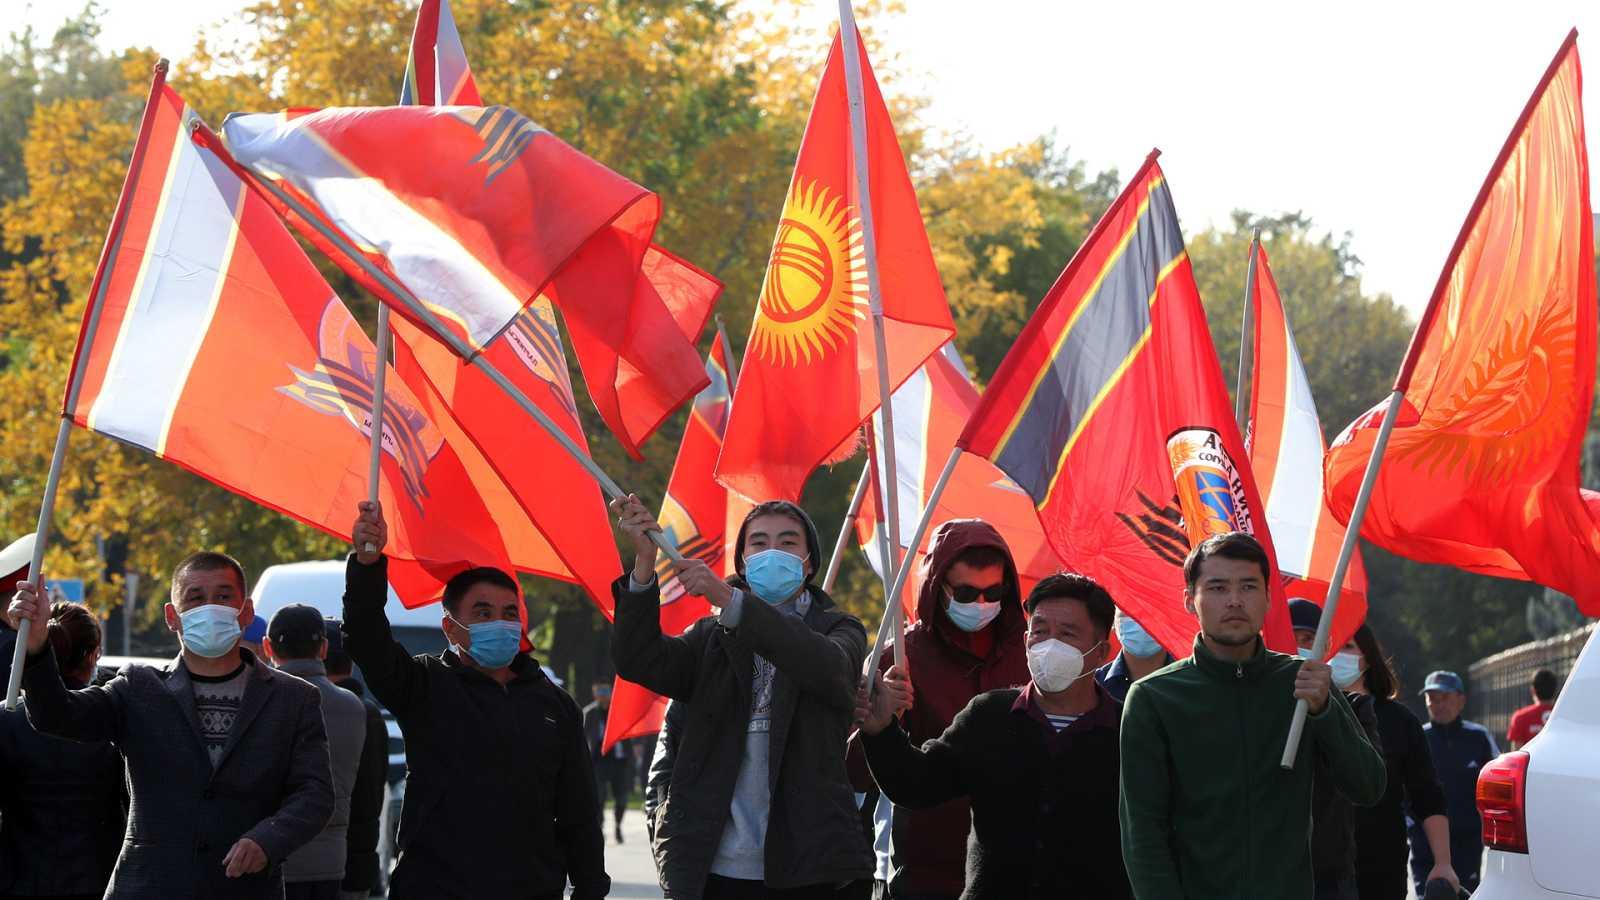 Asia hoy - Kirguistán: las protestas logran la anulación de las elecciones - 06/10/20 - escuchar ahora